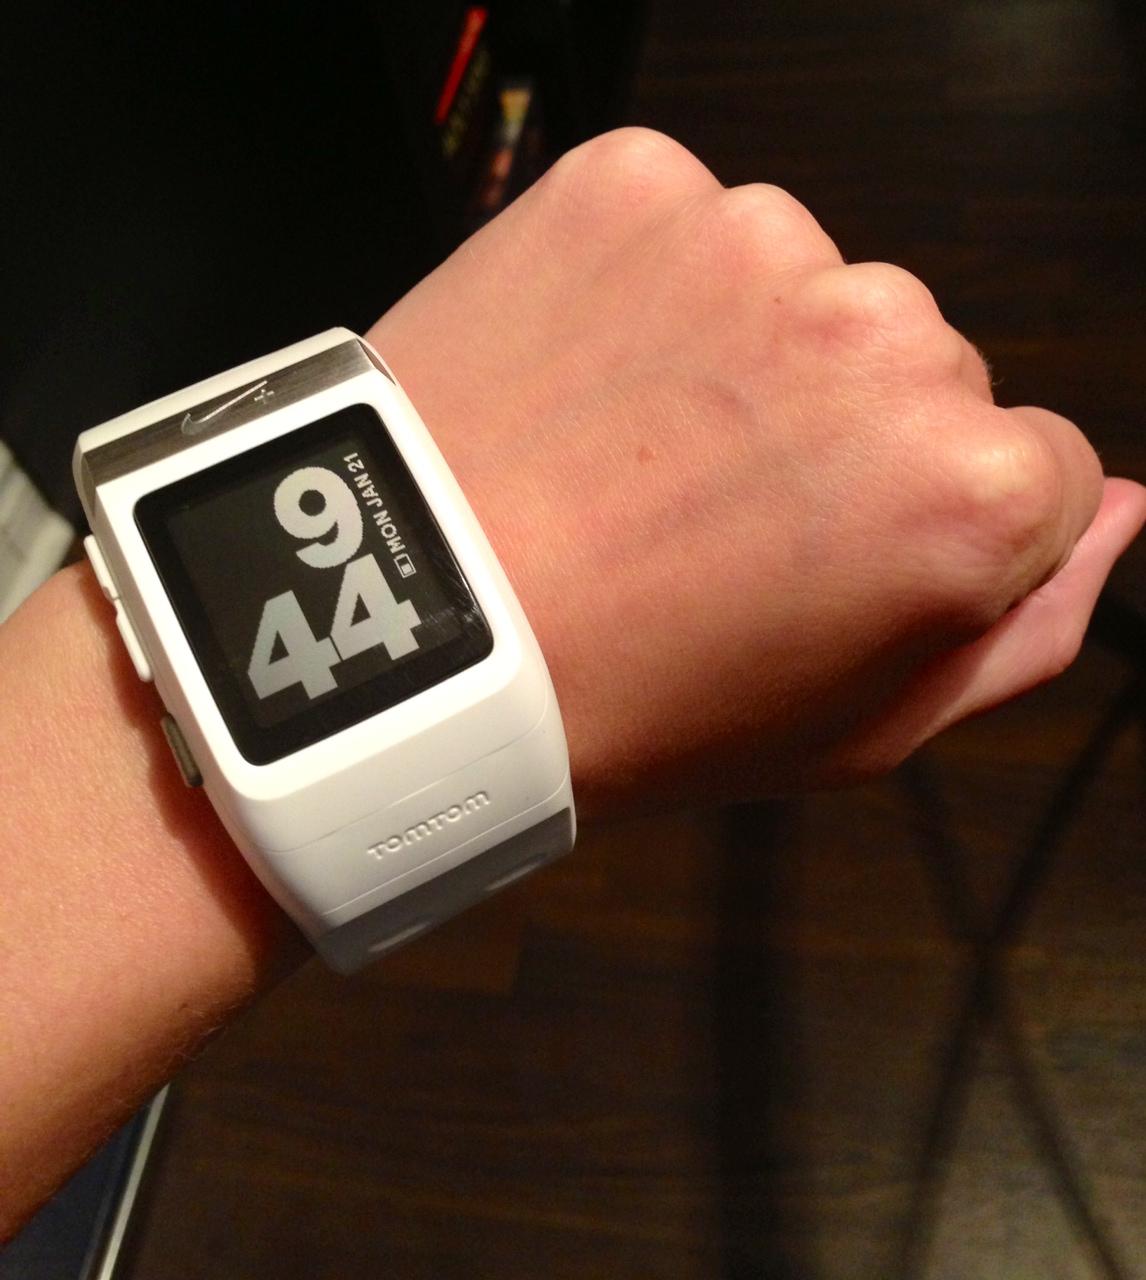 Nike+ GPS sportwatch review